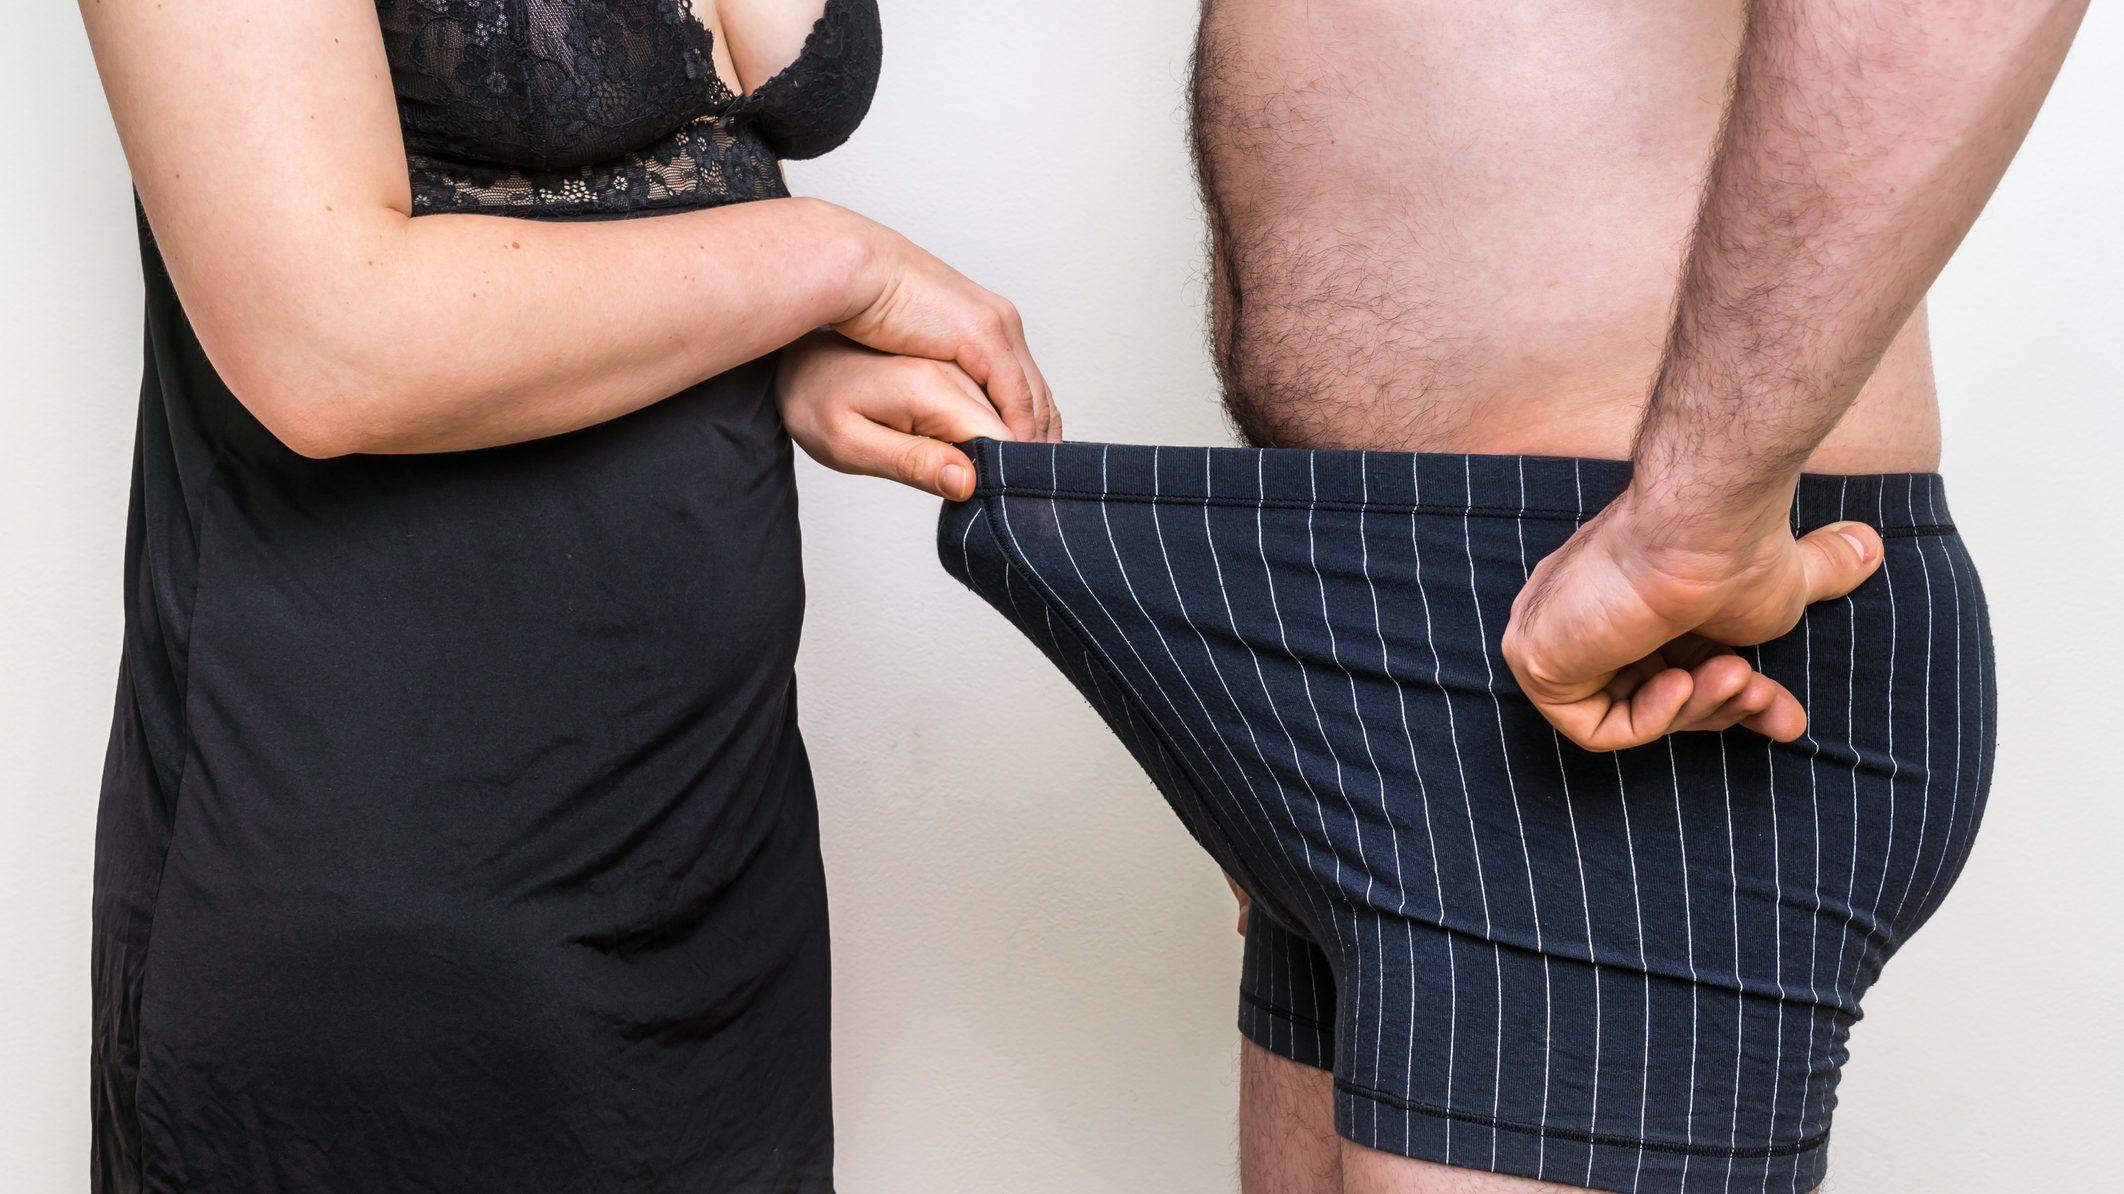 statham péniszméret fénykép felállítása serdülőknél